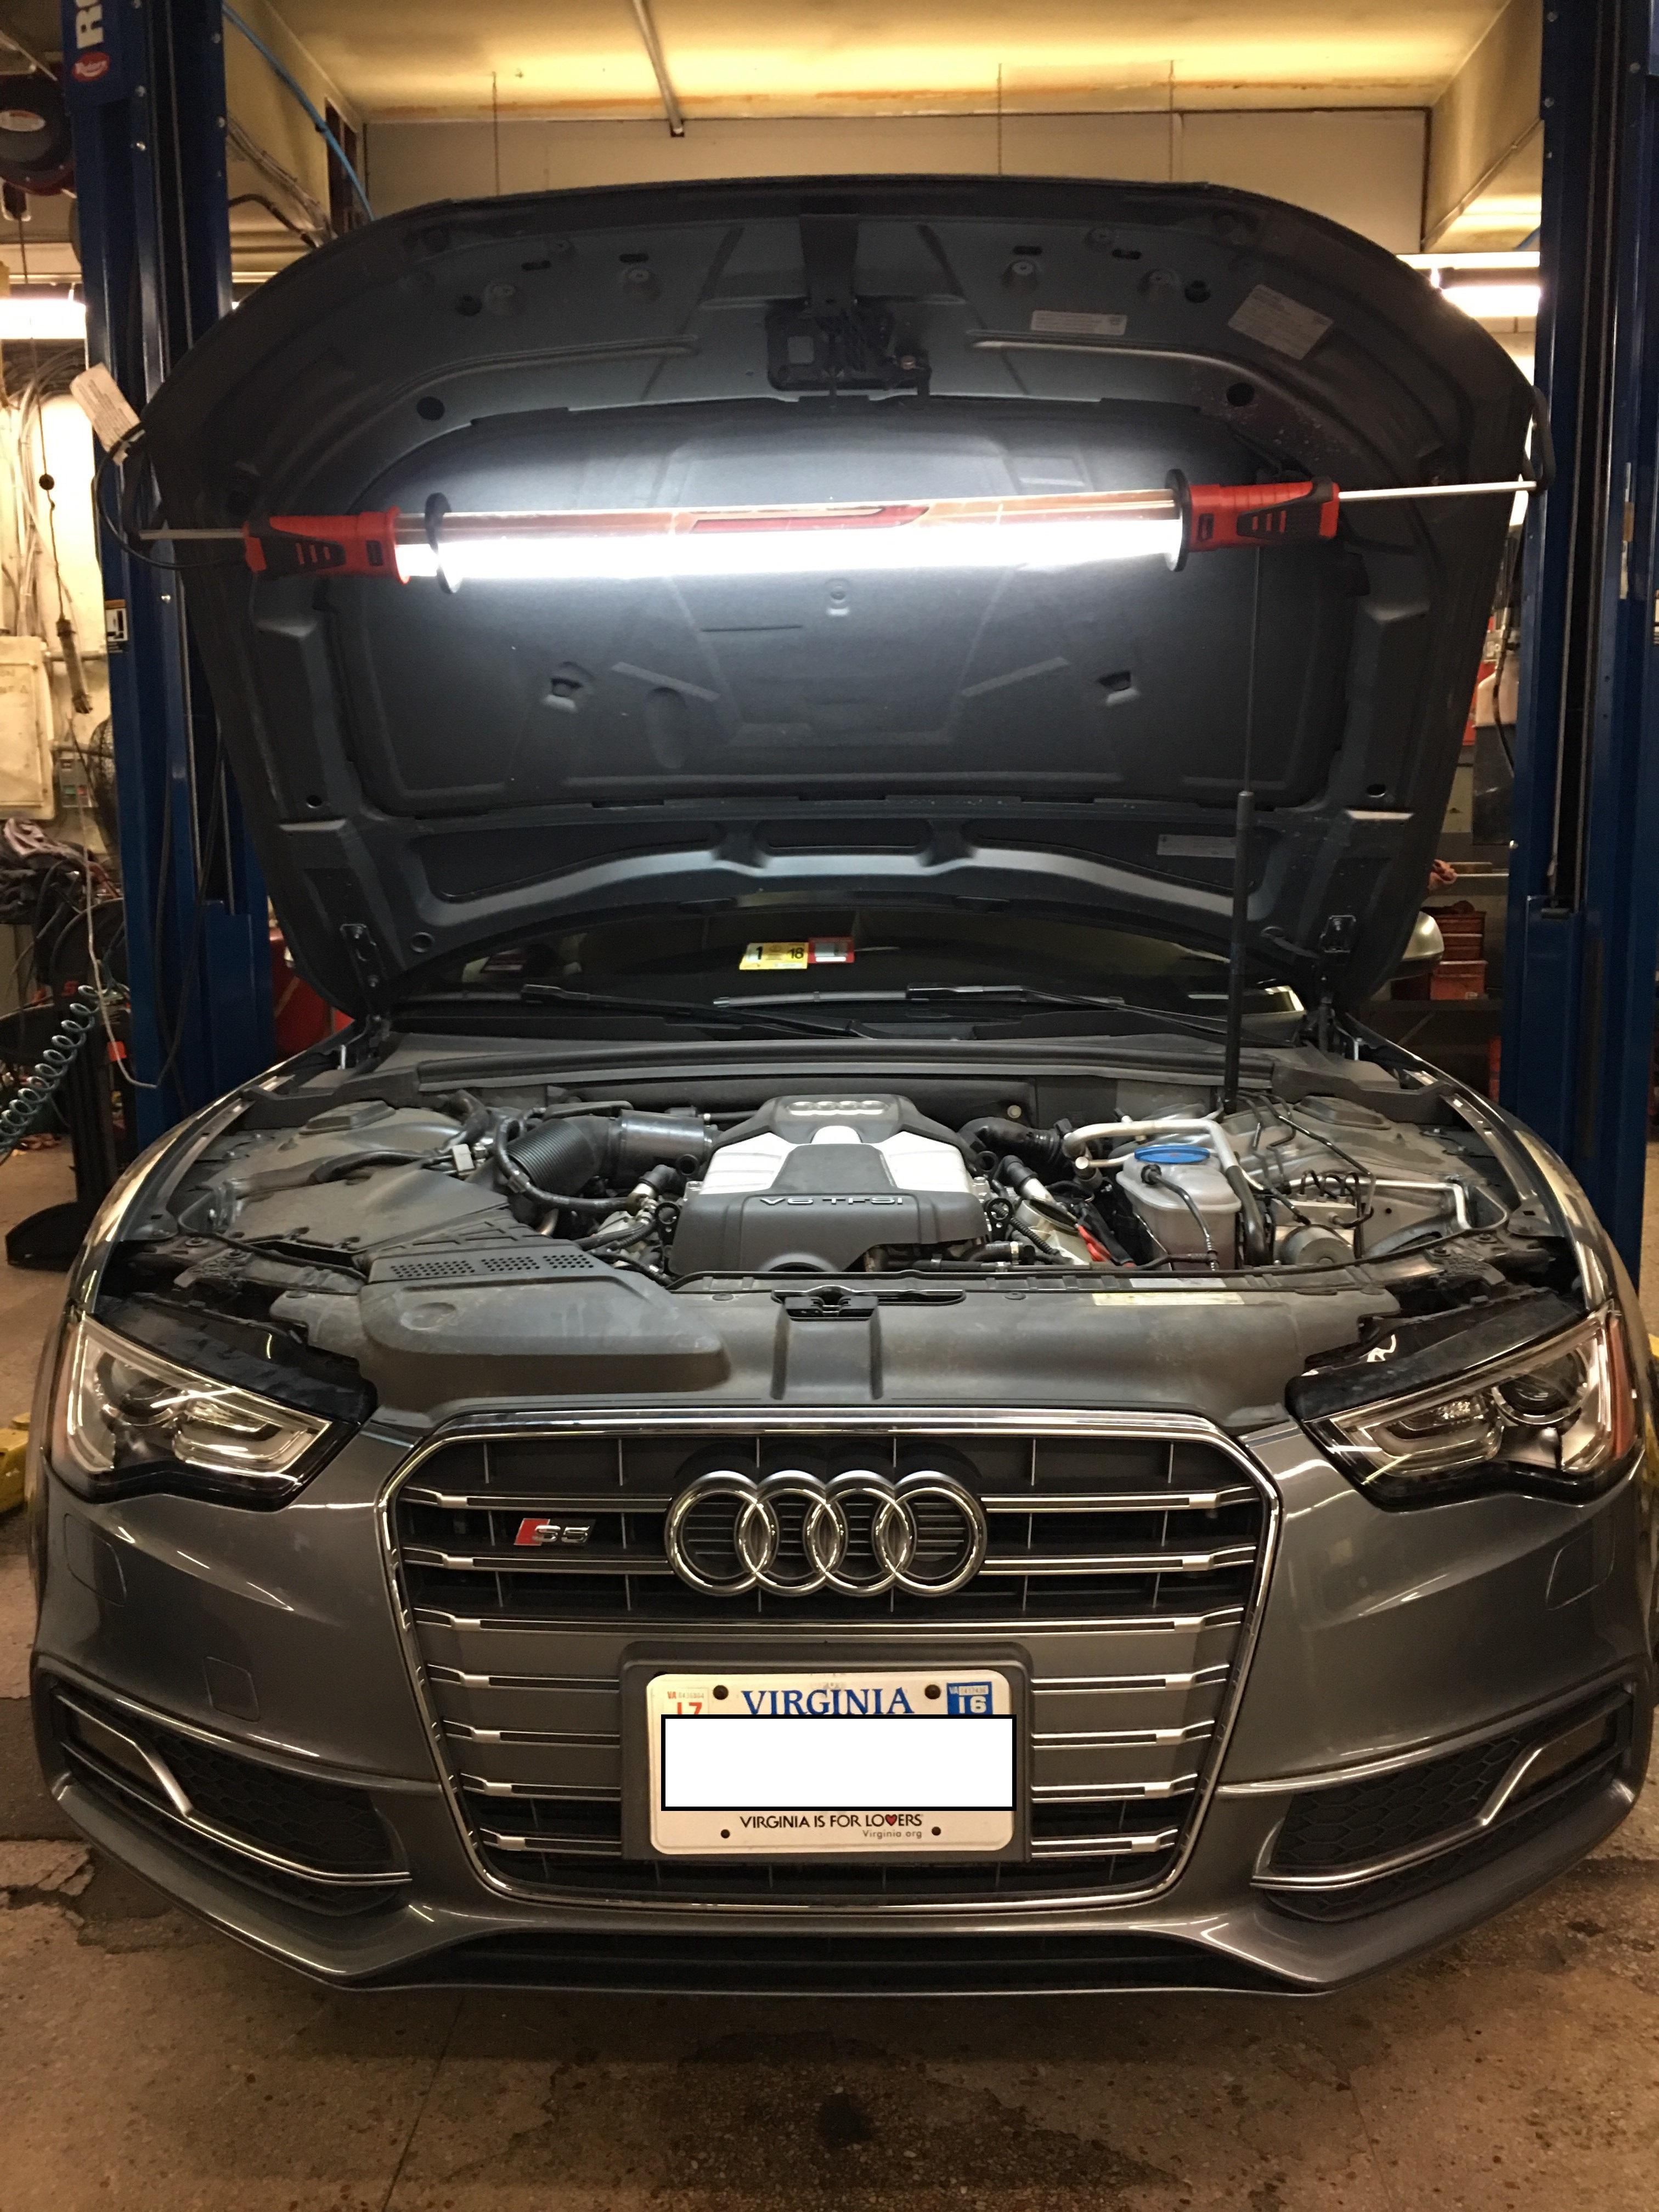 Audi Service And Repair Drive European - Audi car repair